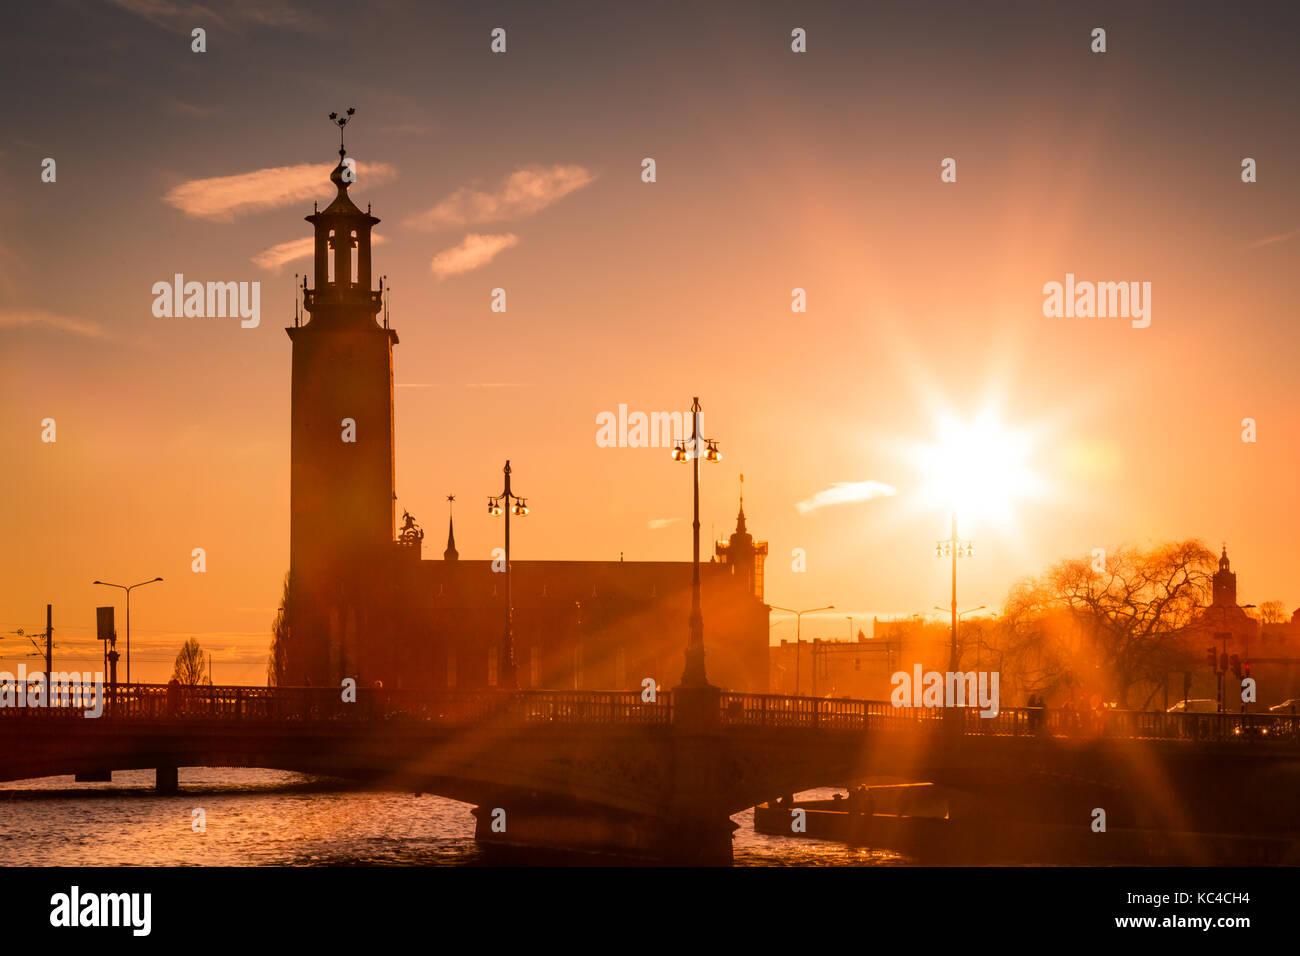 Puesta de sol sobre el stadhaus, Estocolmo, Suecia Foto de stock